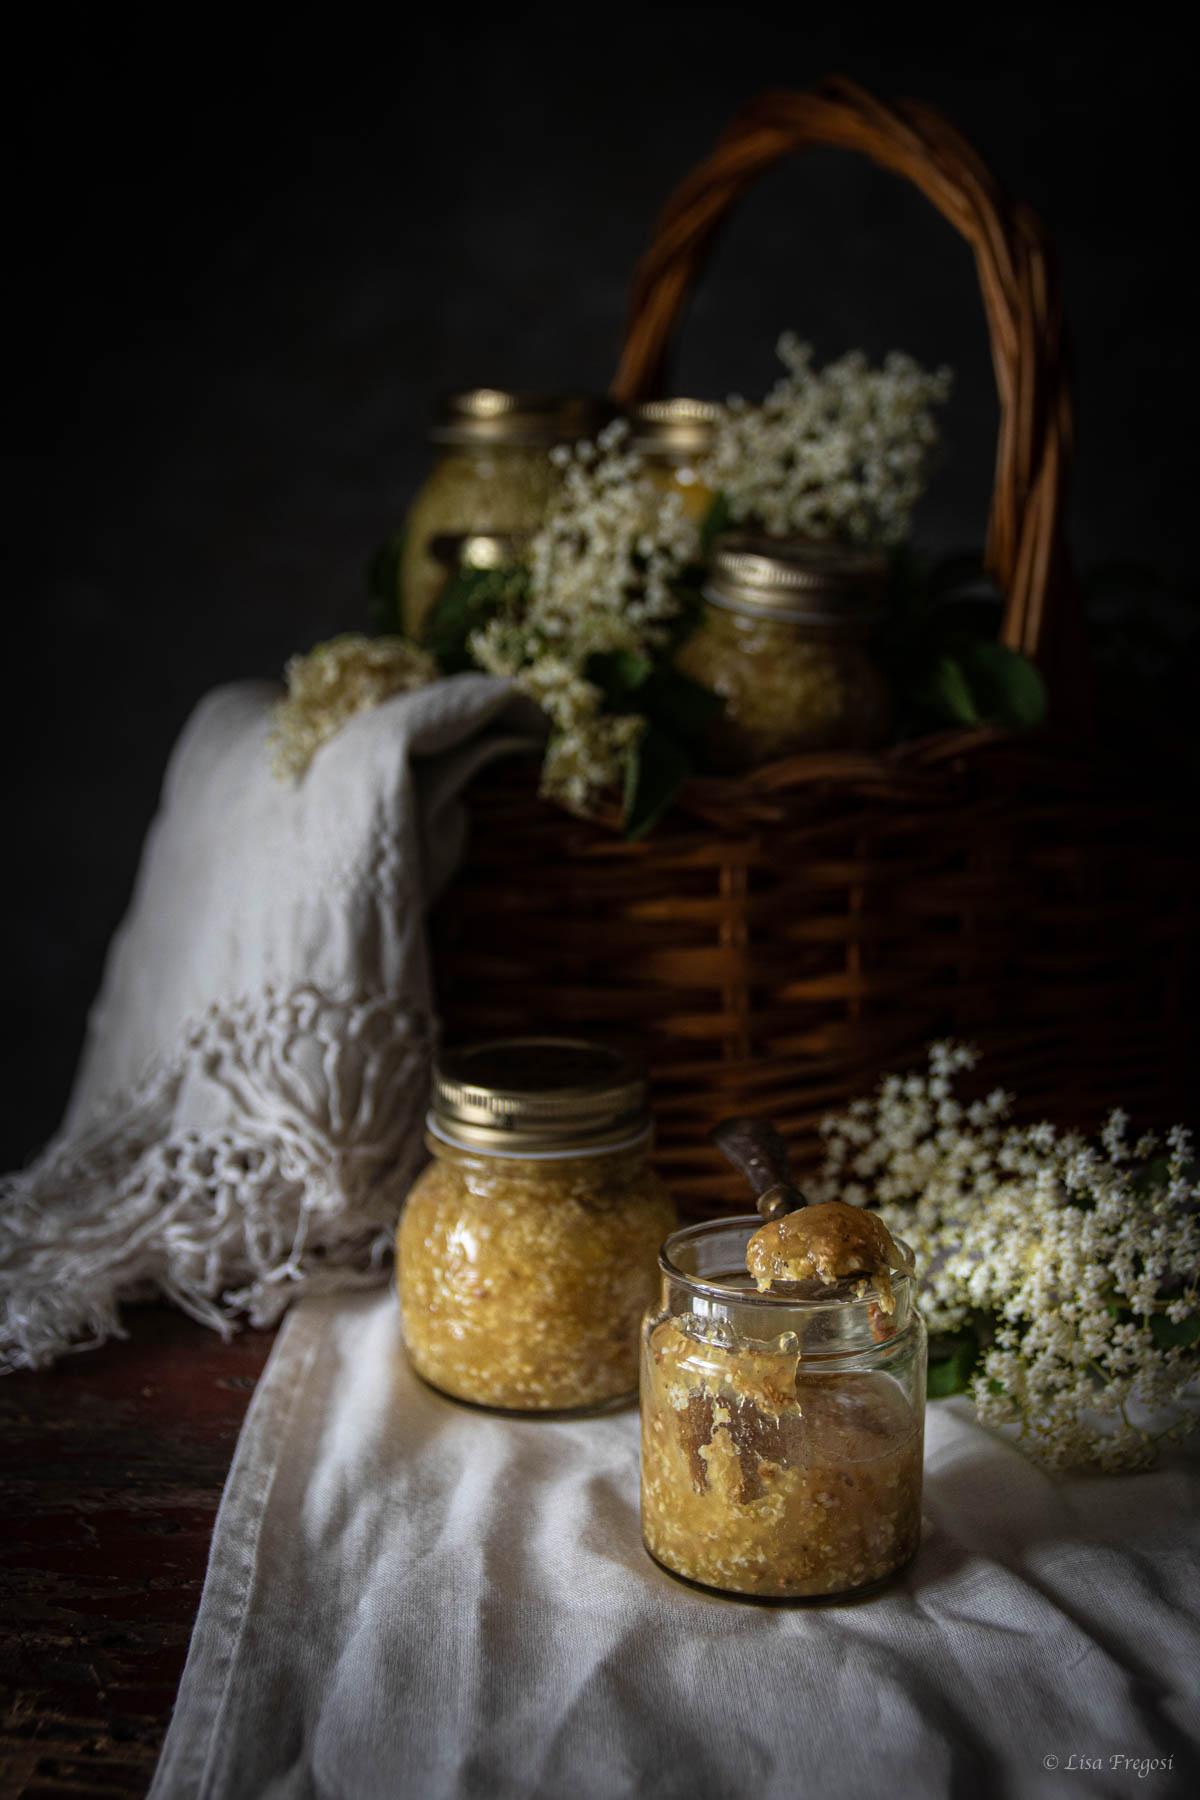 marmellata di fiori di sambuco